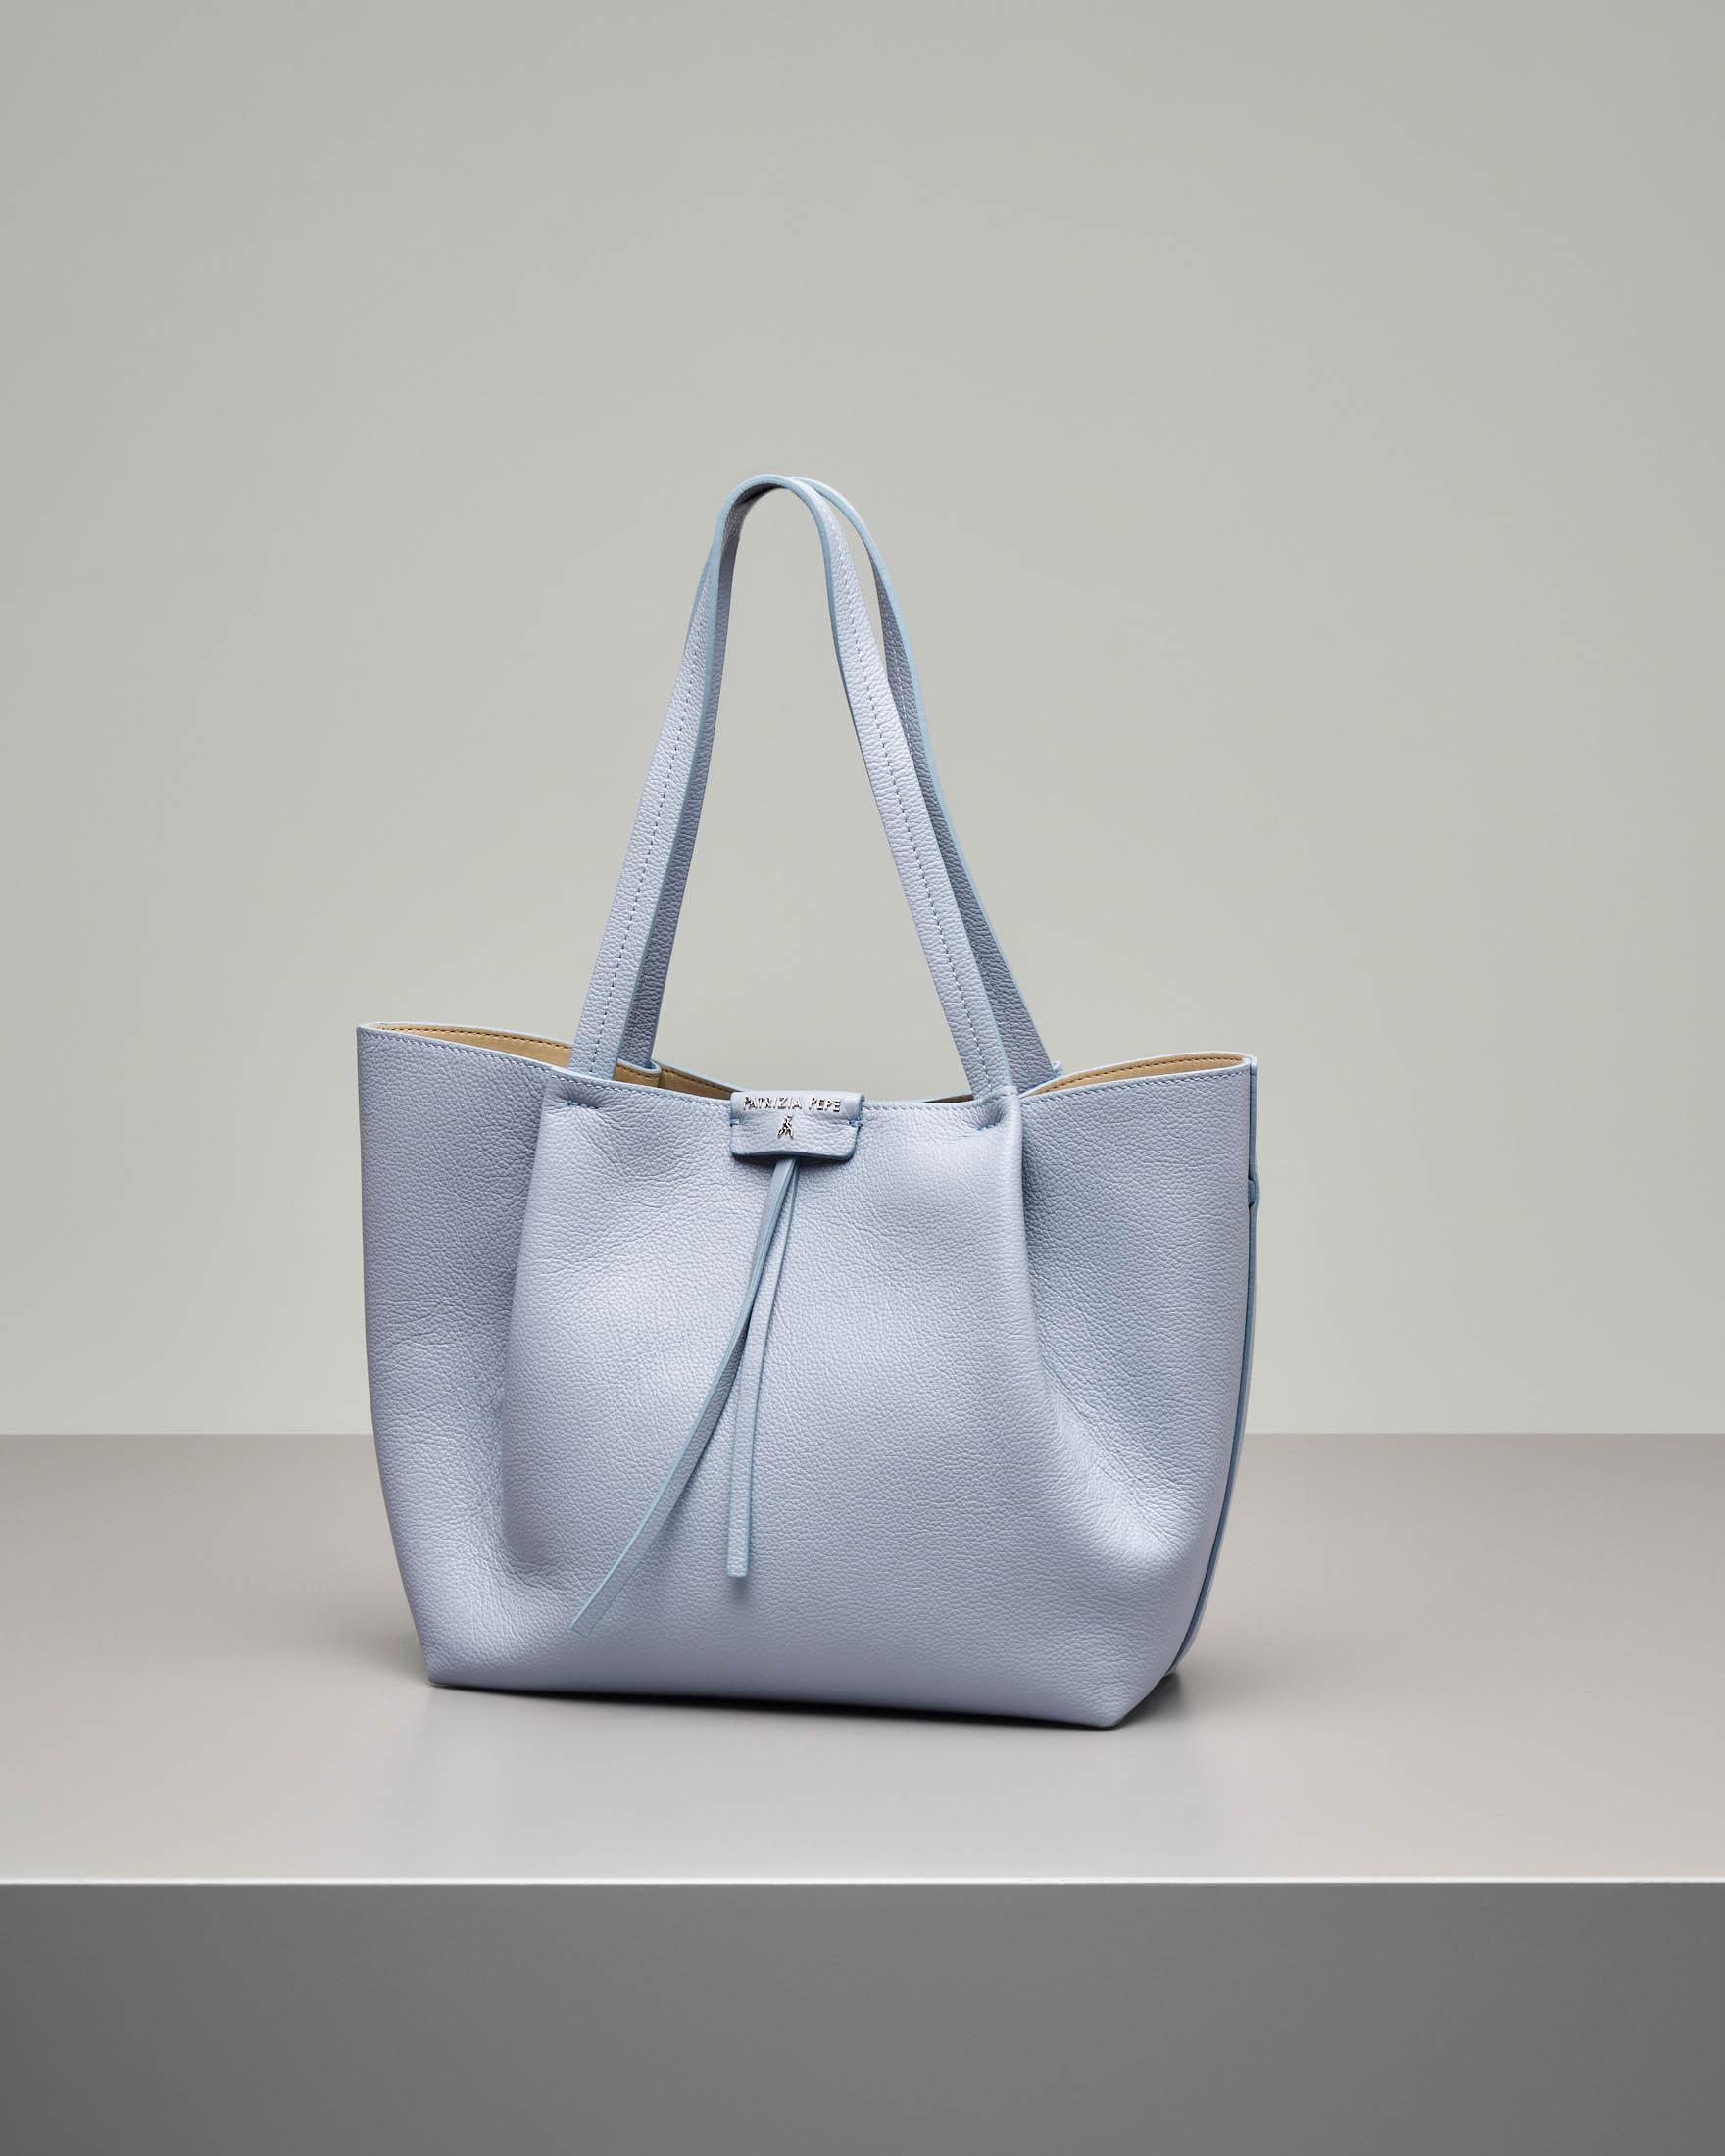 Shopping bag in pelle di vitello martellata azzurra con pochette interna